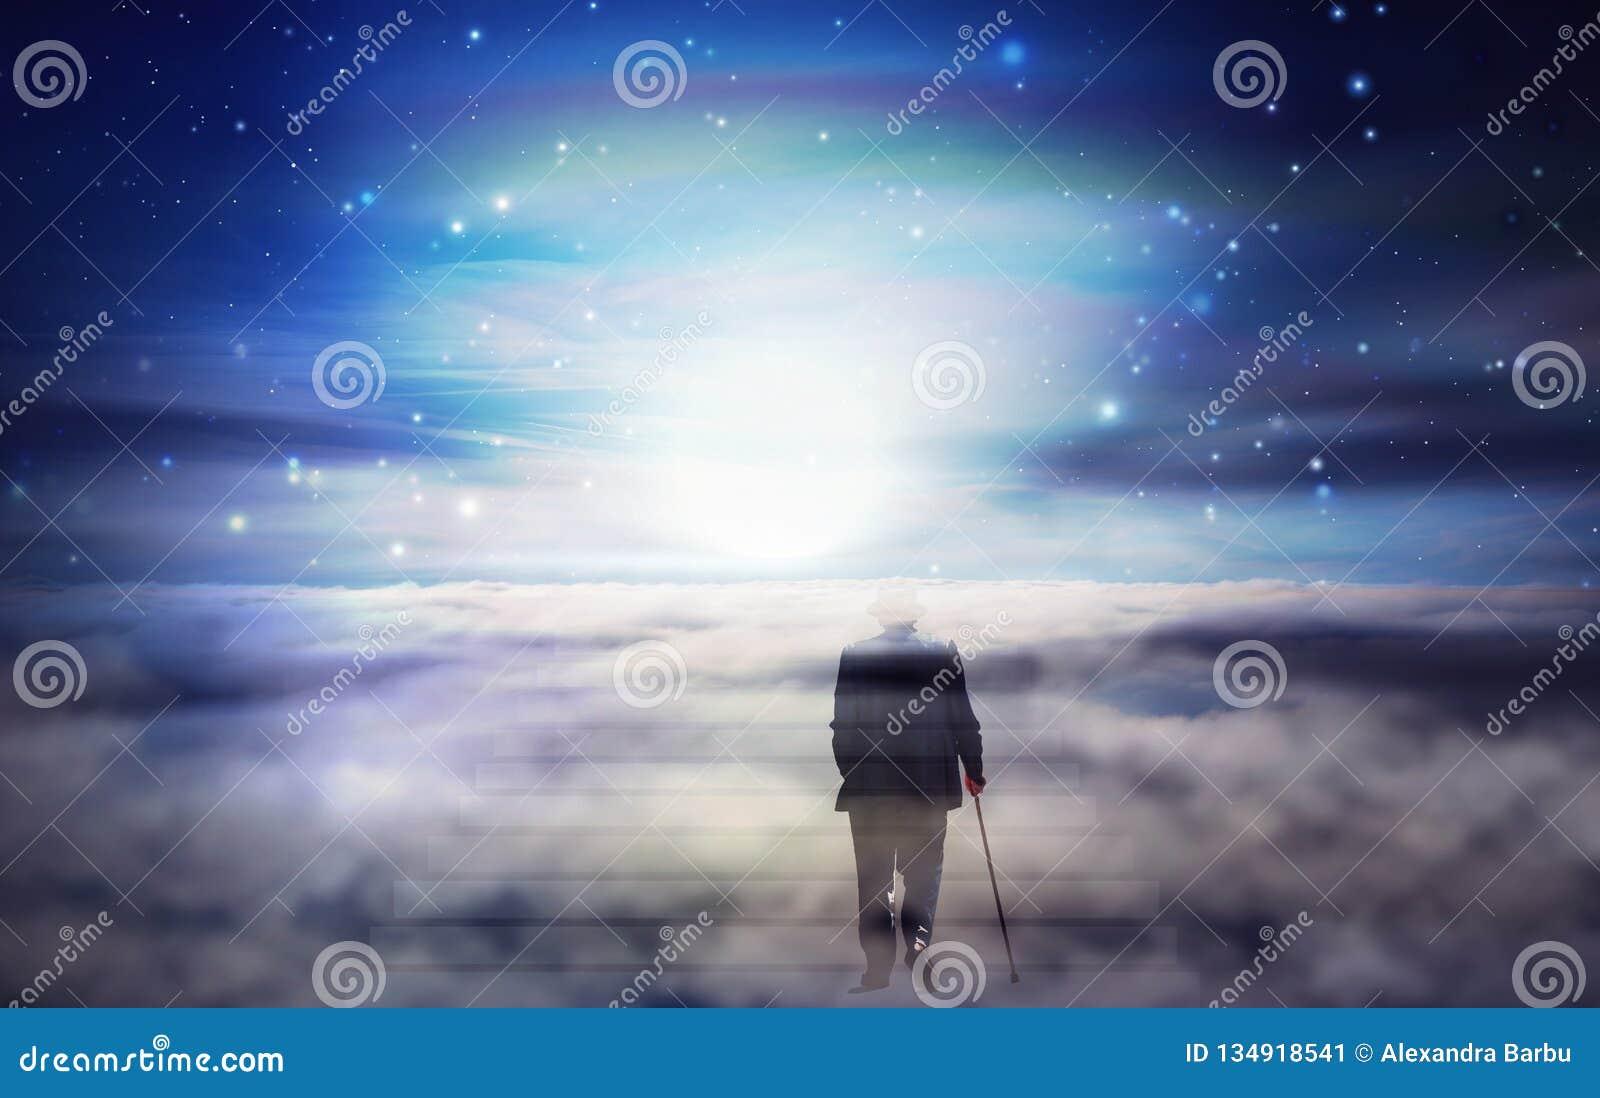 Viaggio di anima dell uomo anziano, luce intensa da cielo, modo a Dio